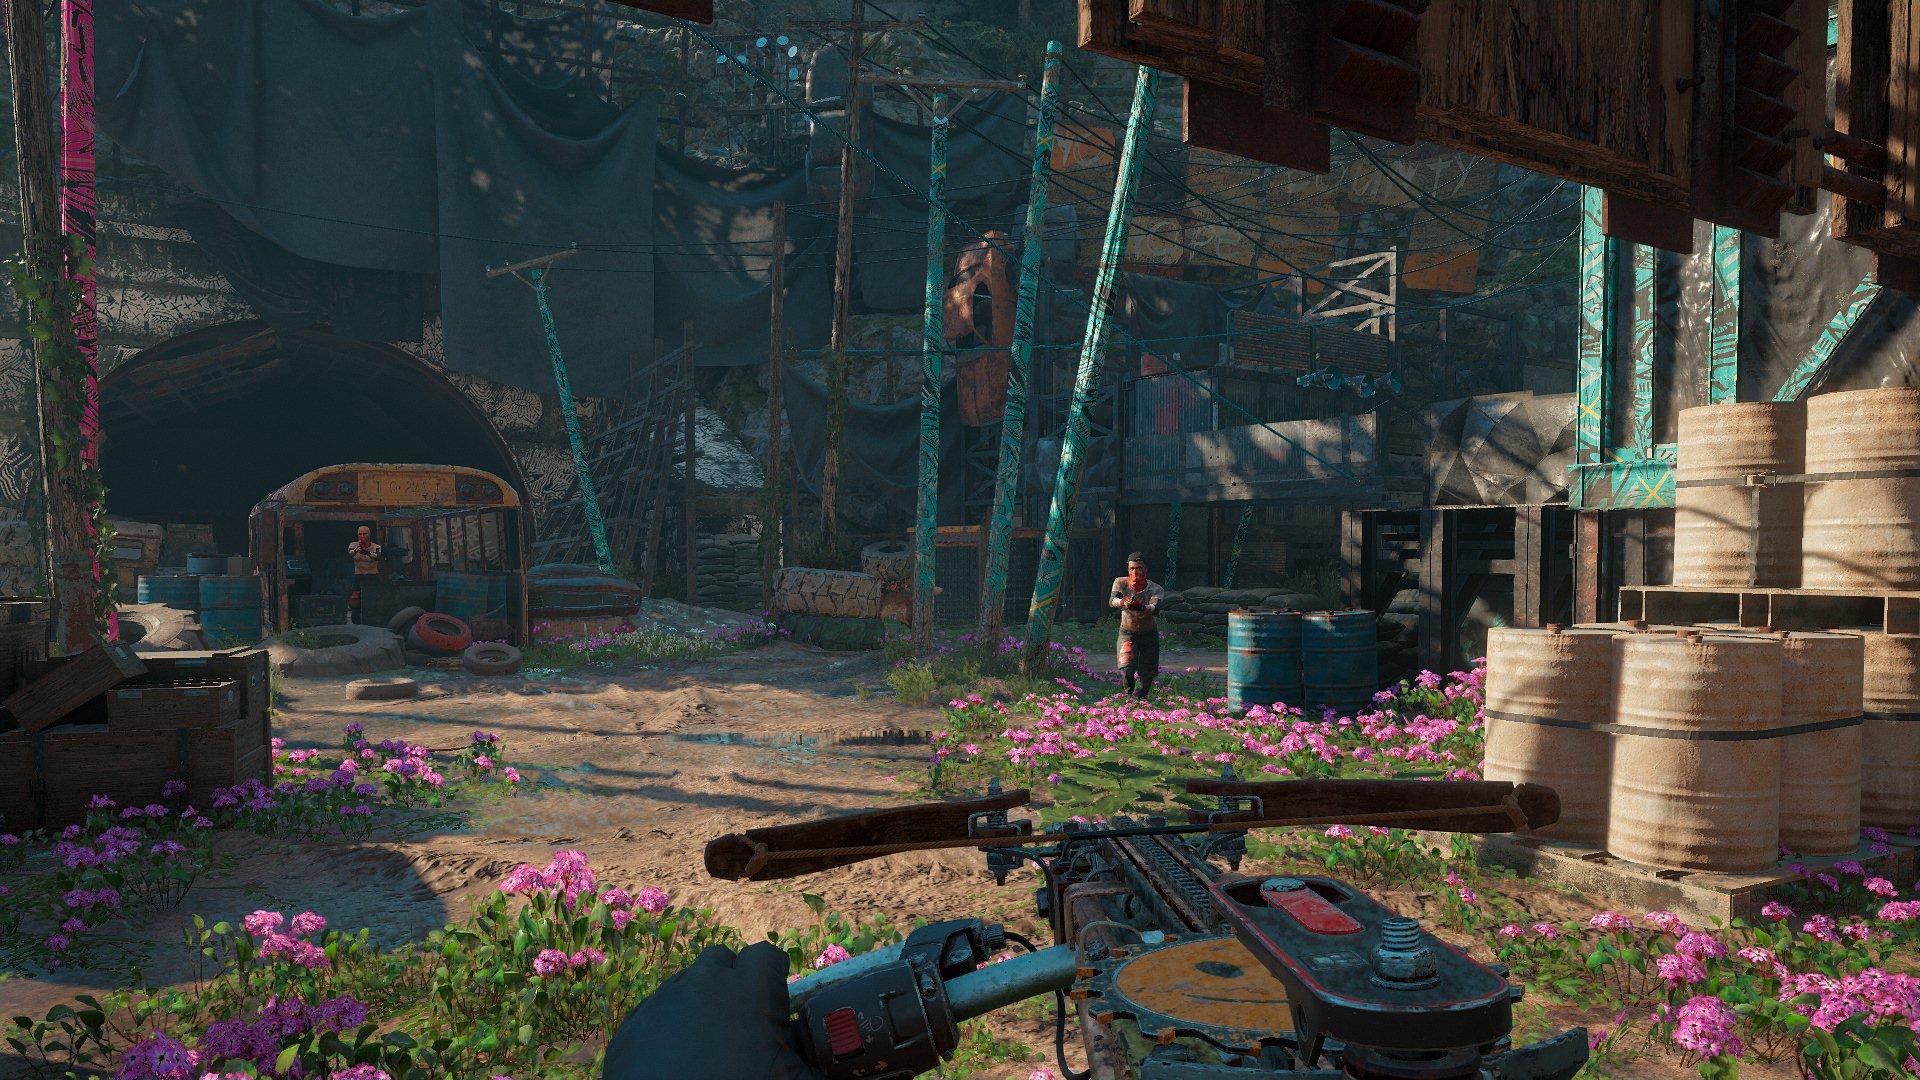 screenshot0001.jpg